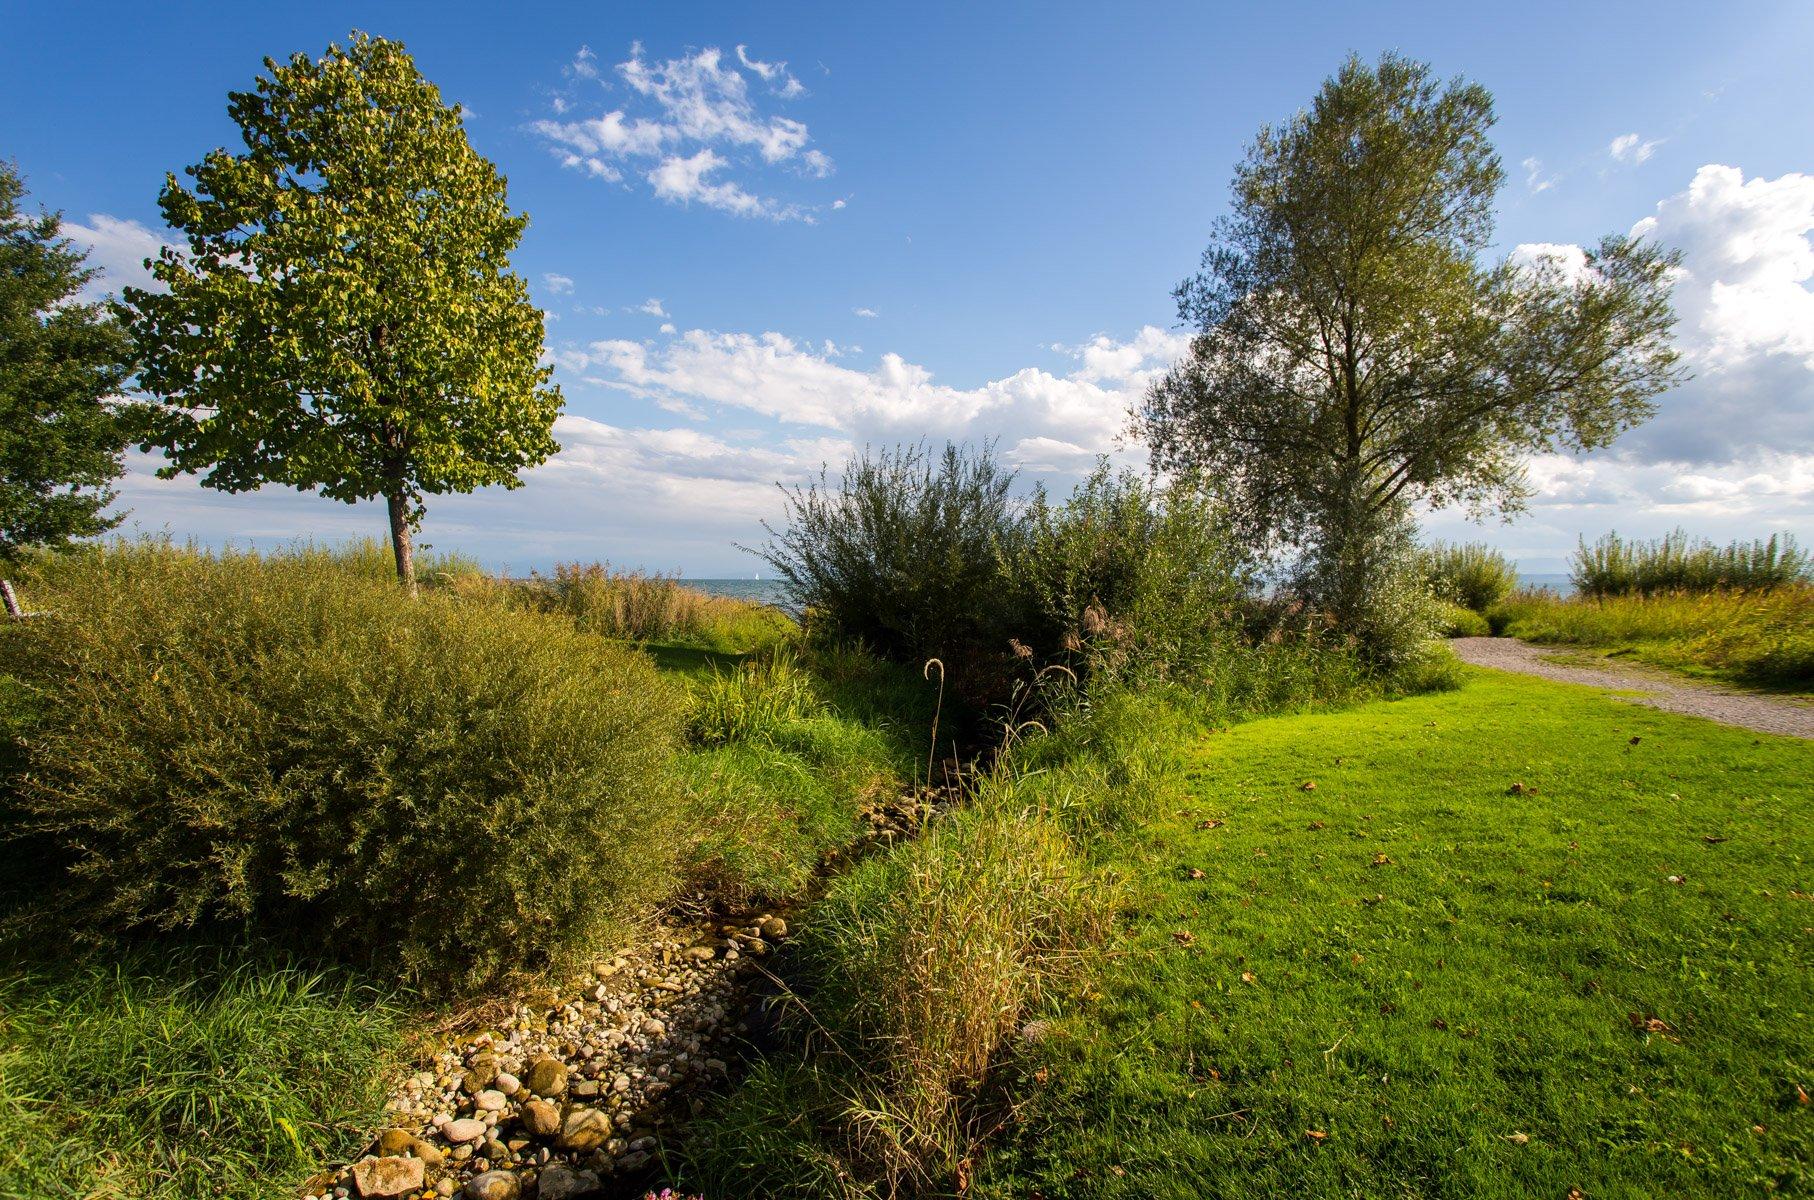 Kniebach und Wiese mit Bäume im Naturschutzgebiet